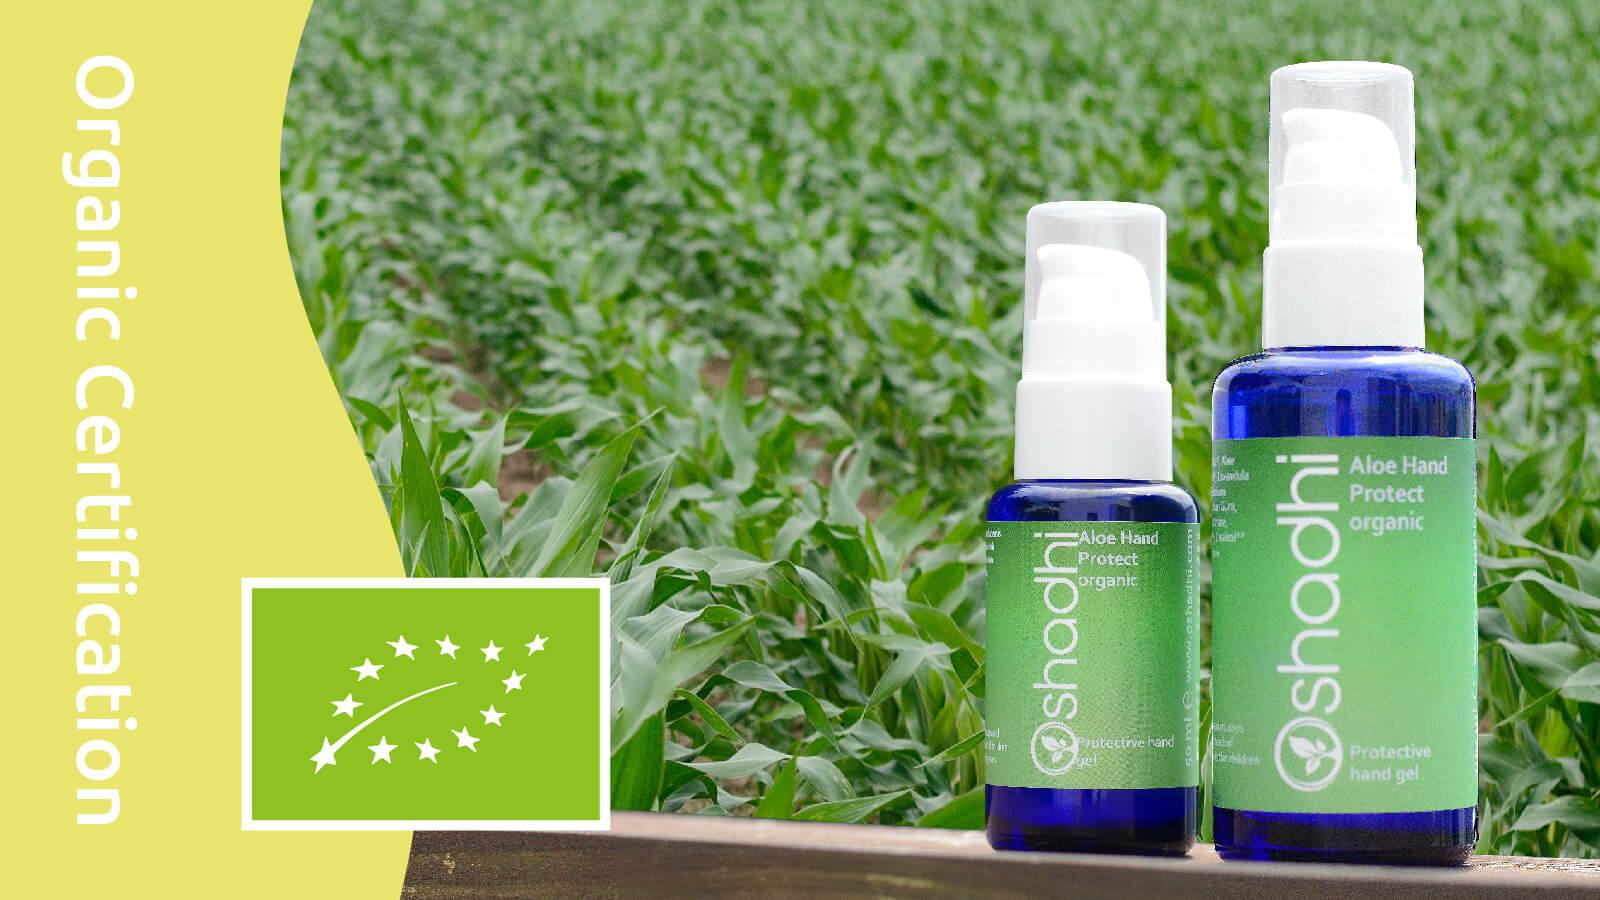 Bio認証マークを取得したオーガニック原料